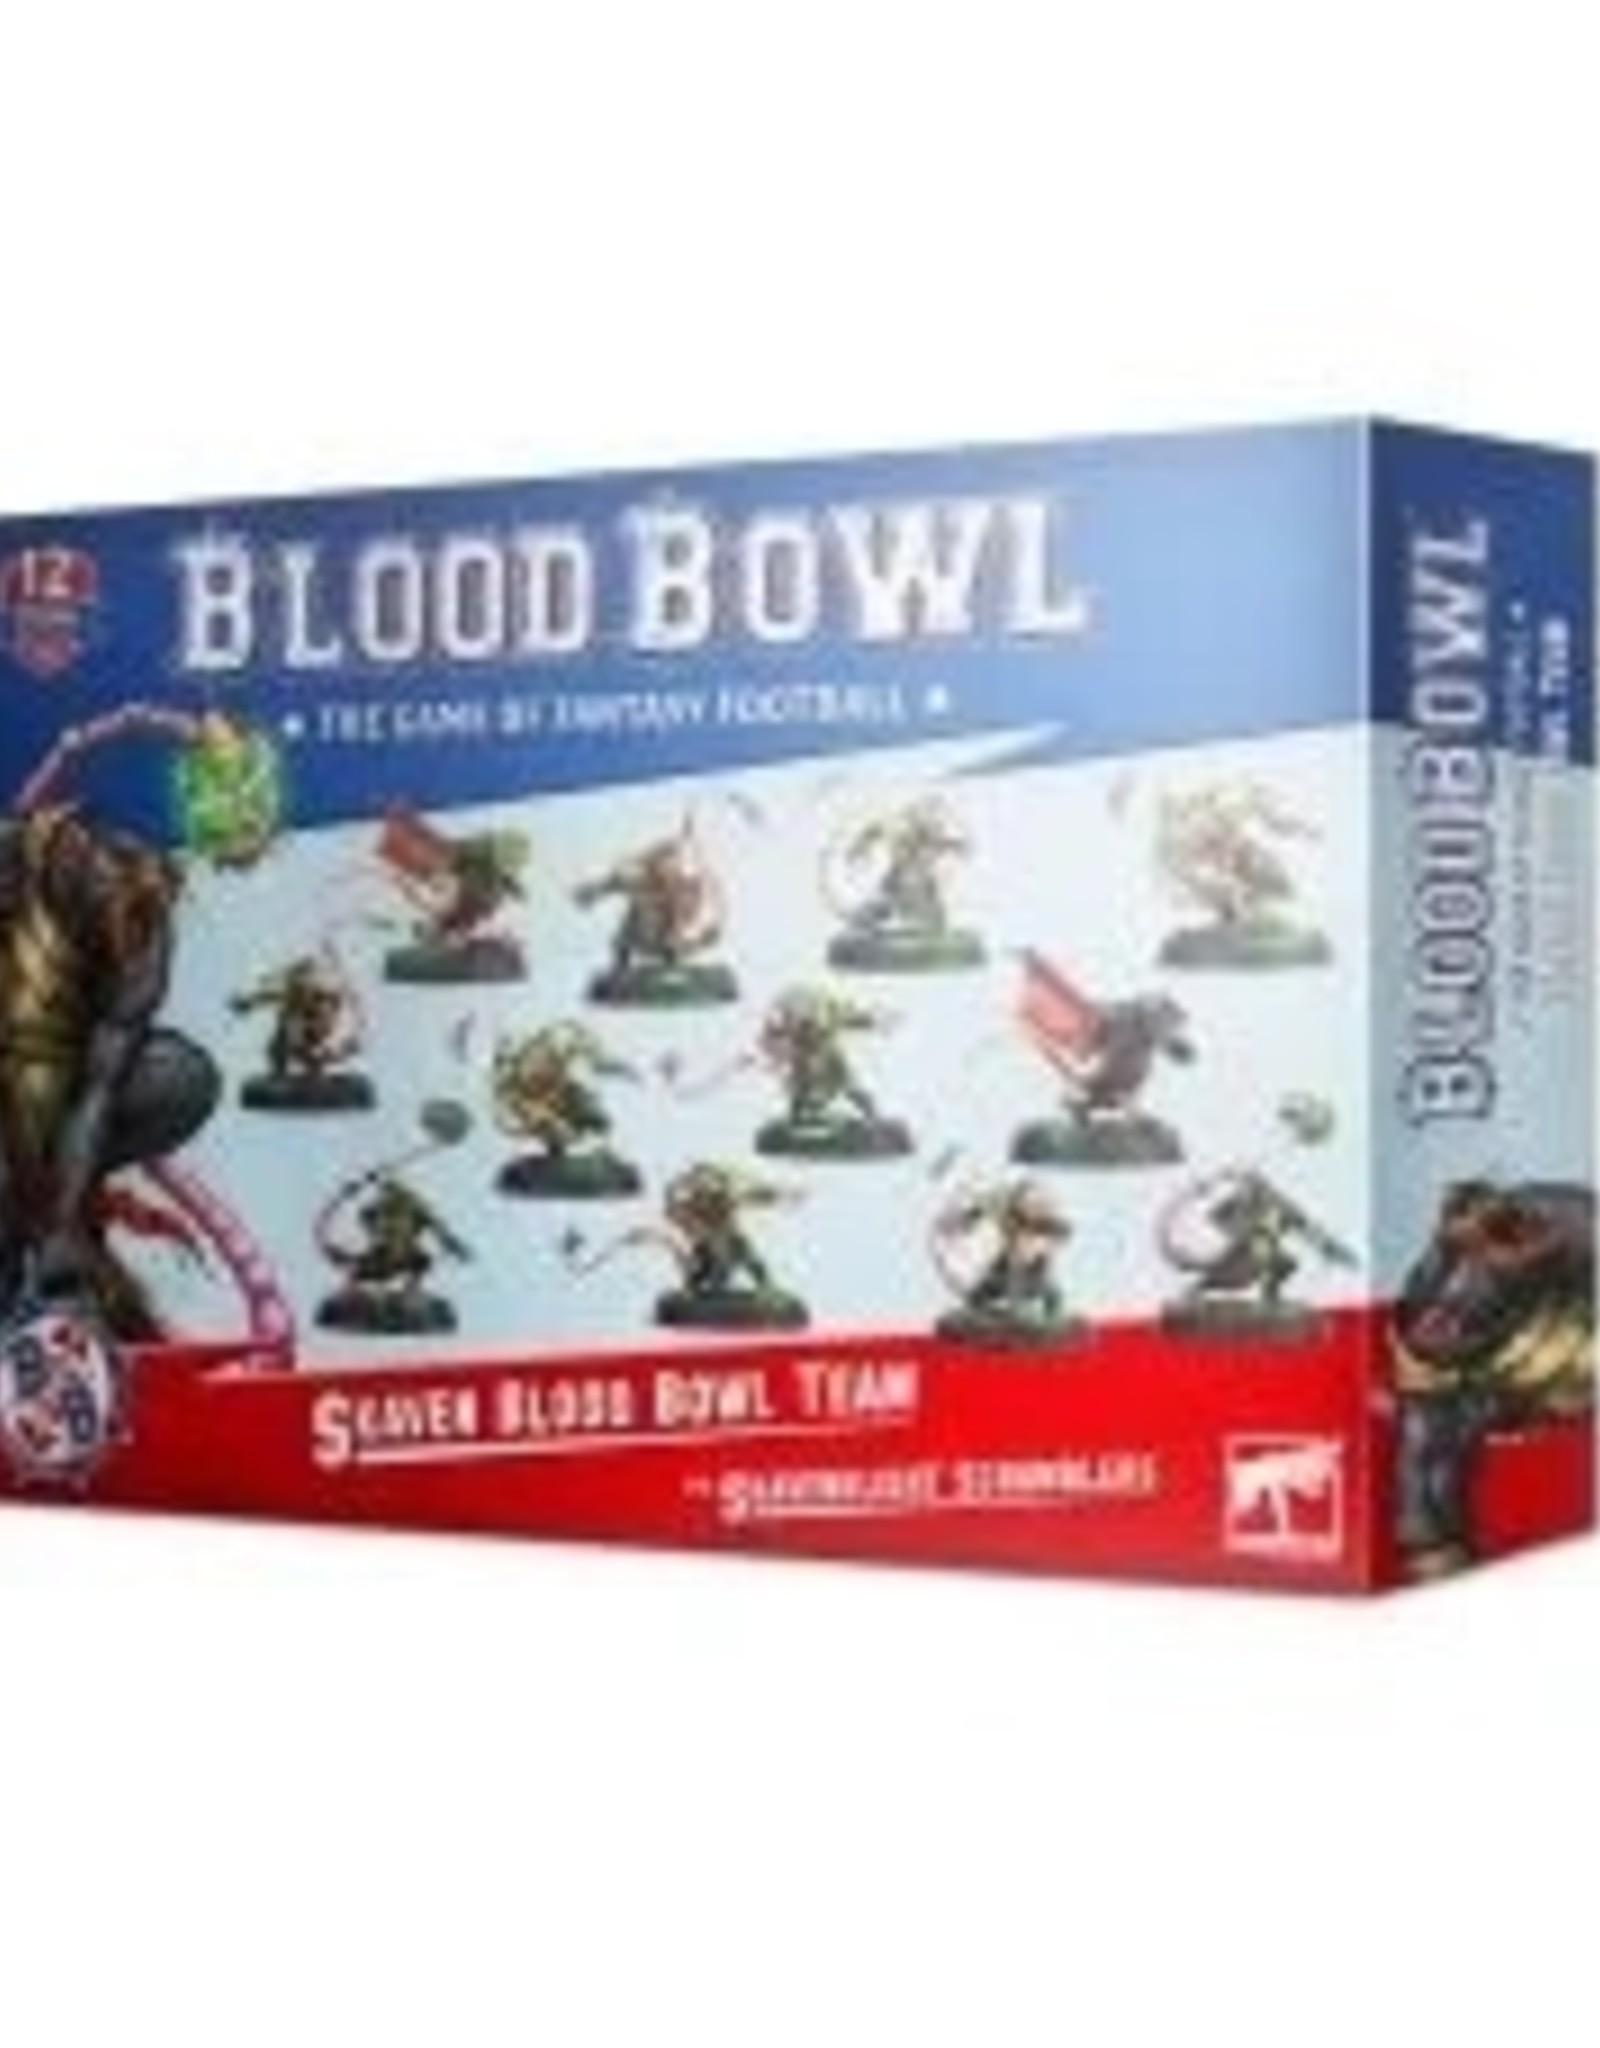 Games Workshop Blood Bowl: Skavenblight Scramblers